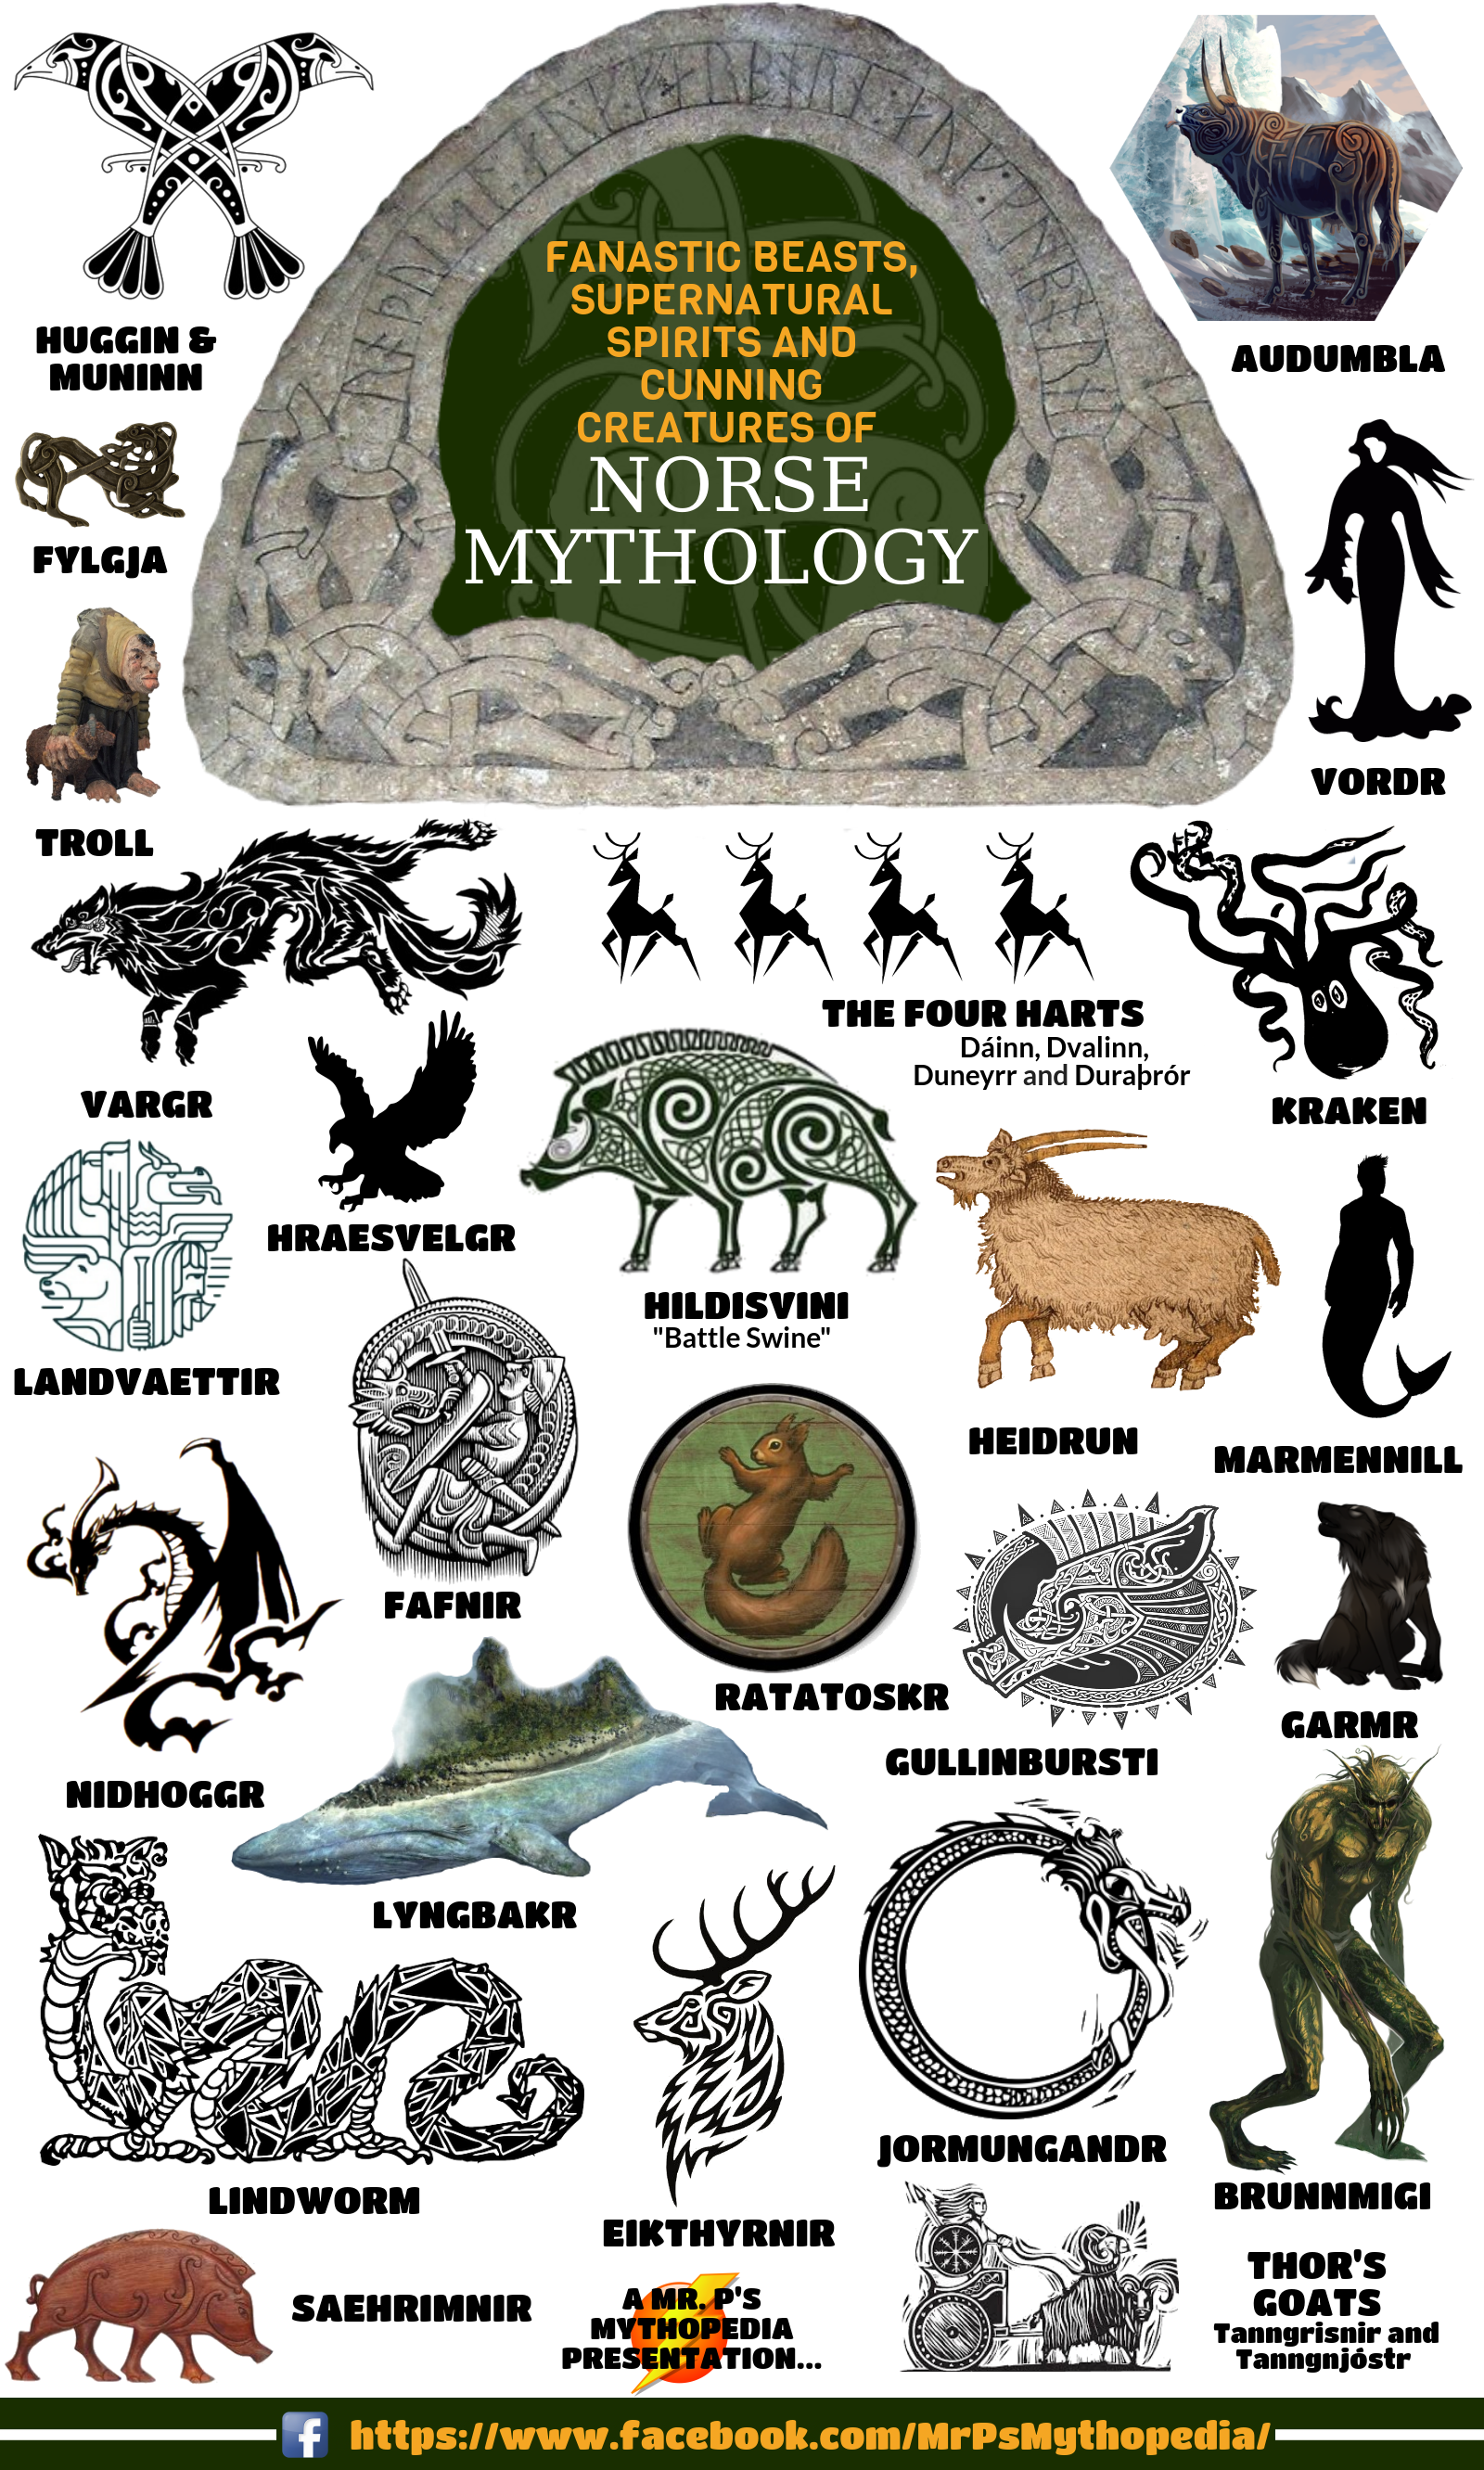 mythological creatures of norse mythology norsemythology